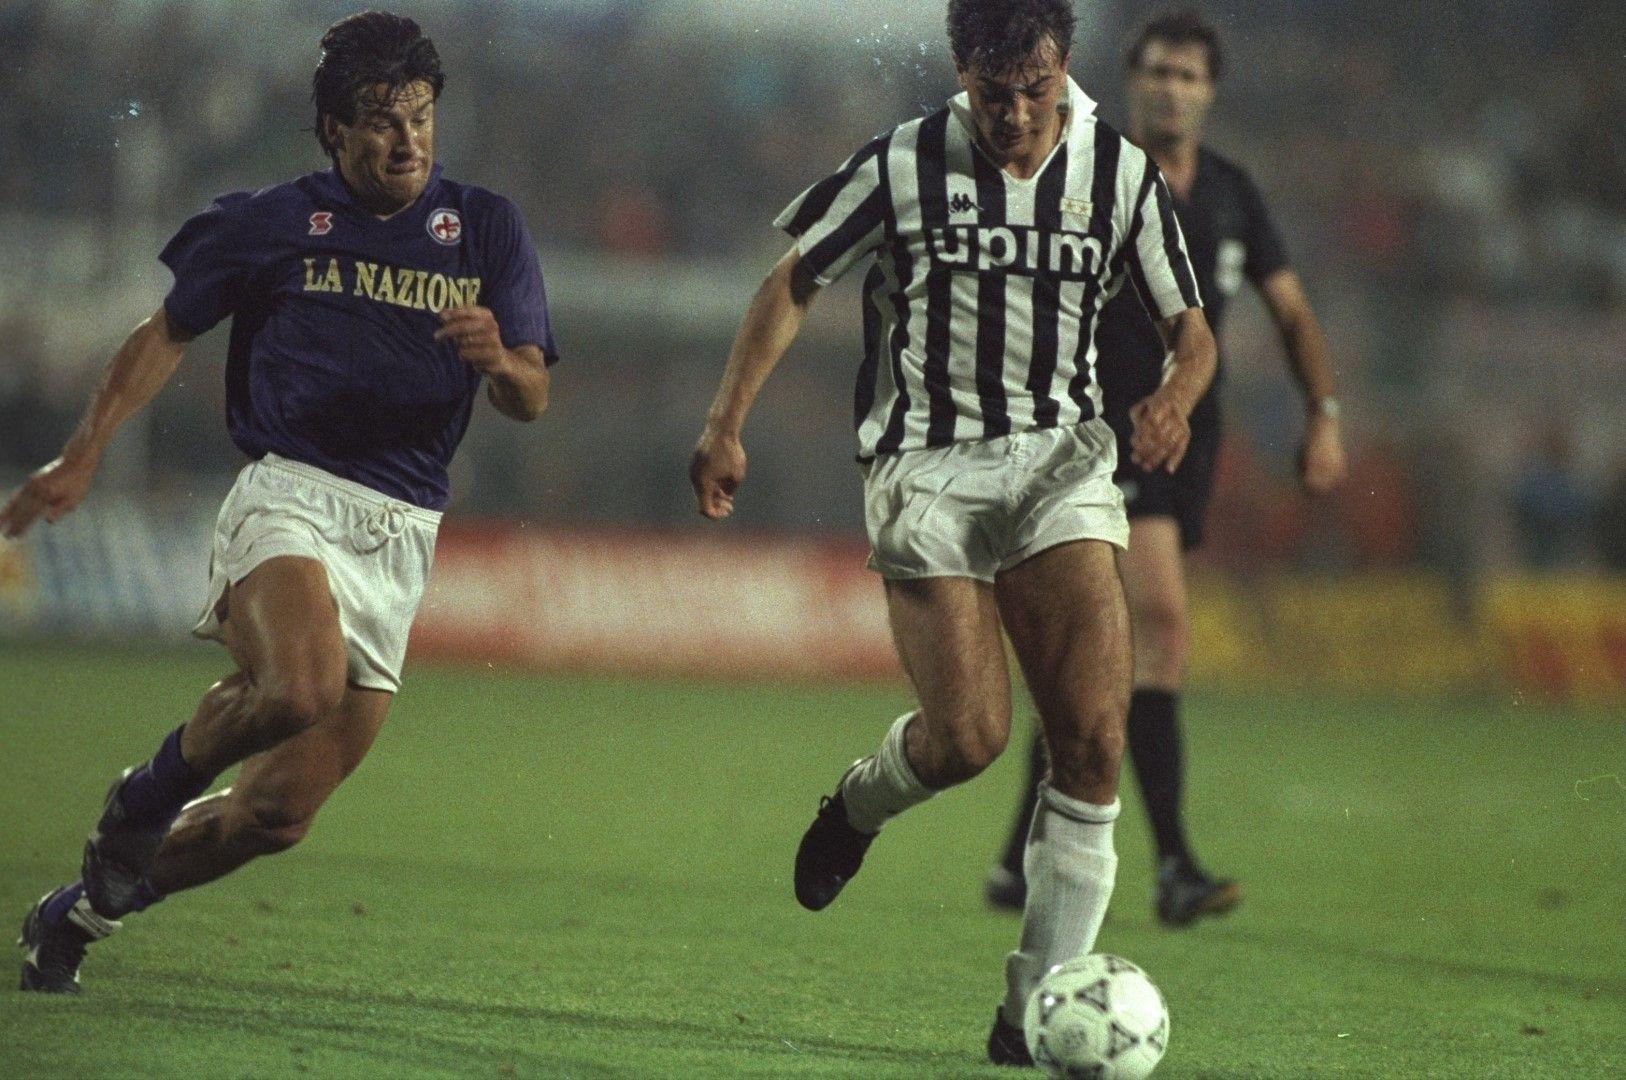 Джанлуиджи Казираги (Ювентус) и Дунга Фиорентина) във финала за Купата на Уефа през 1990-а